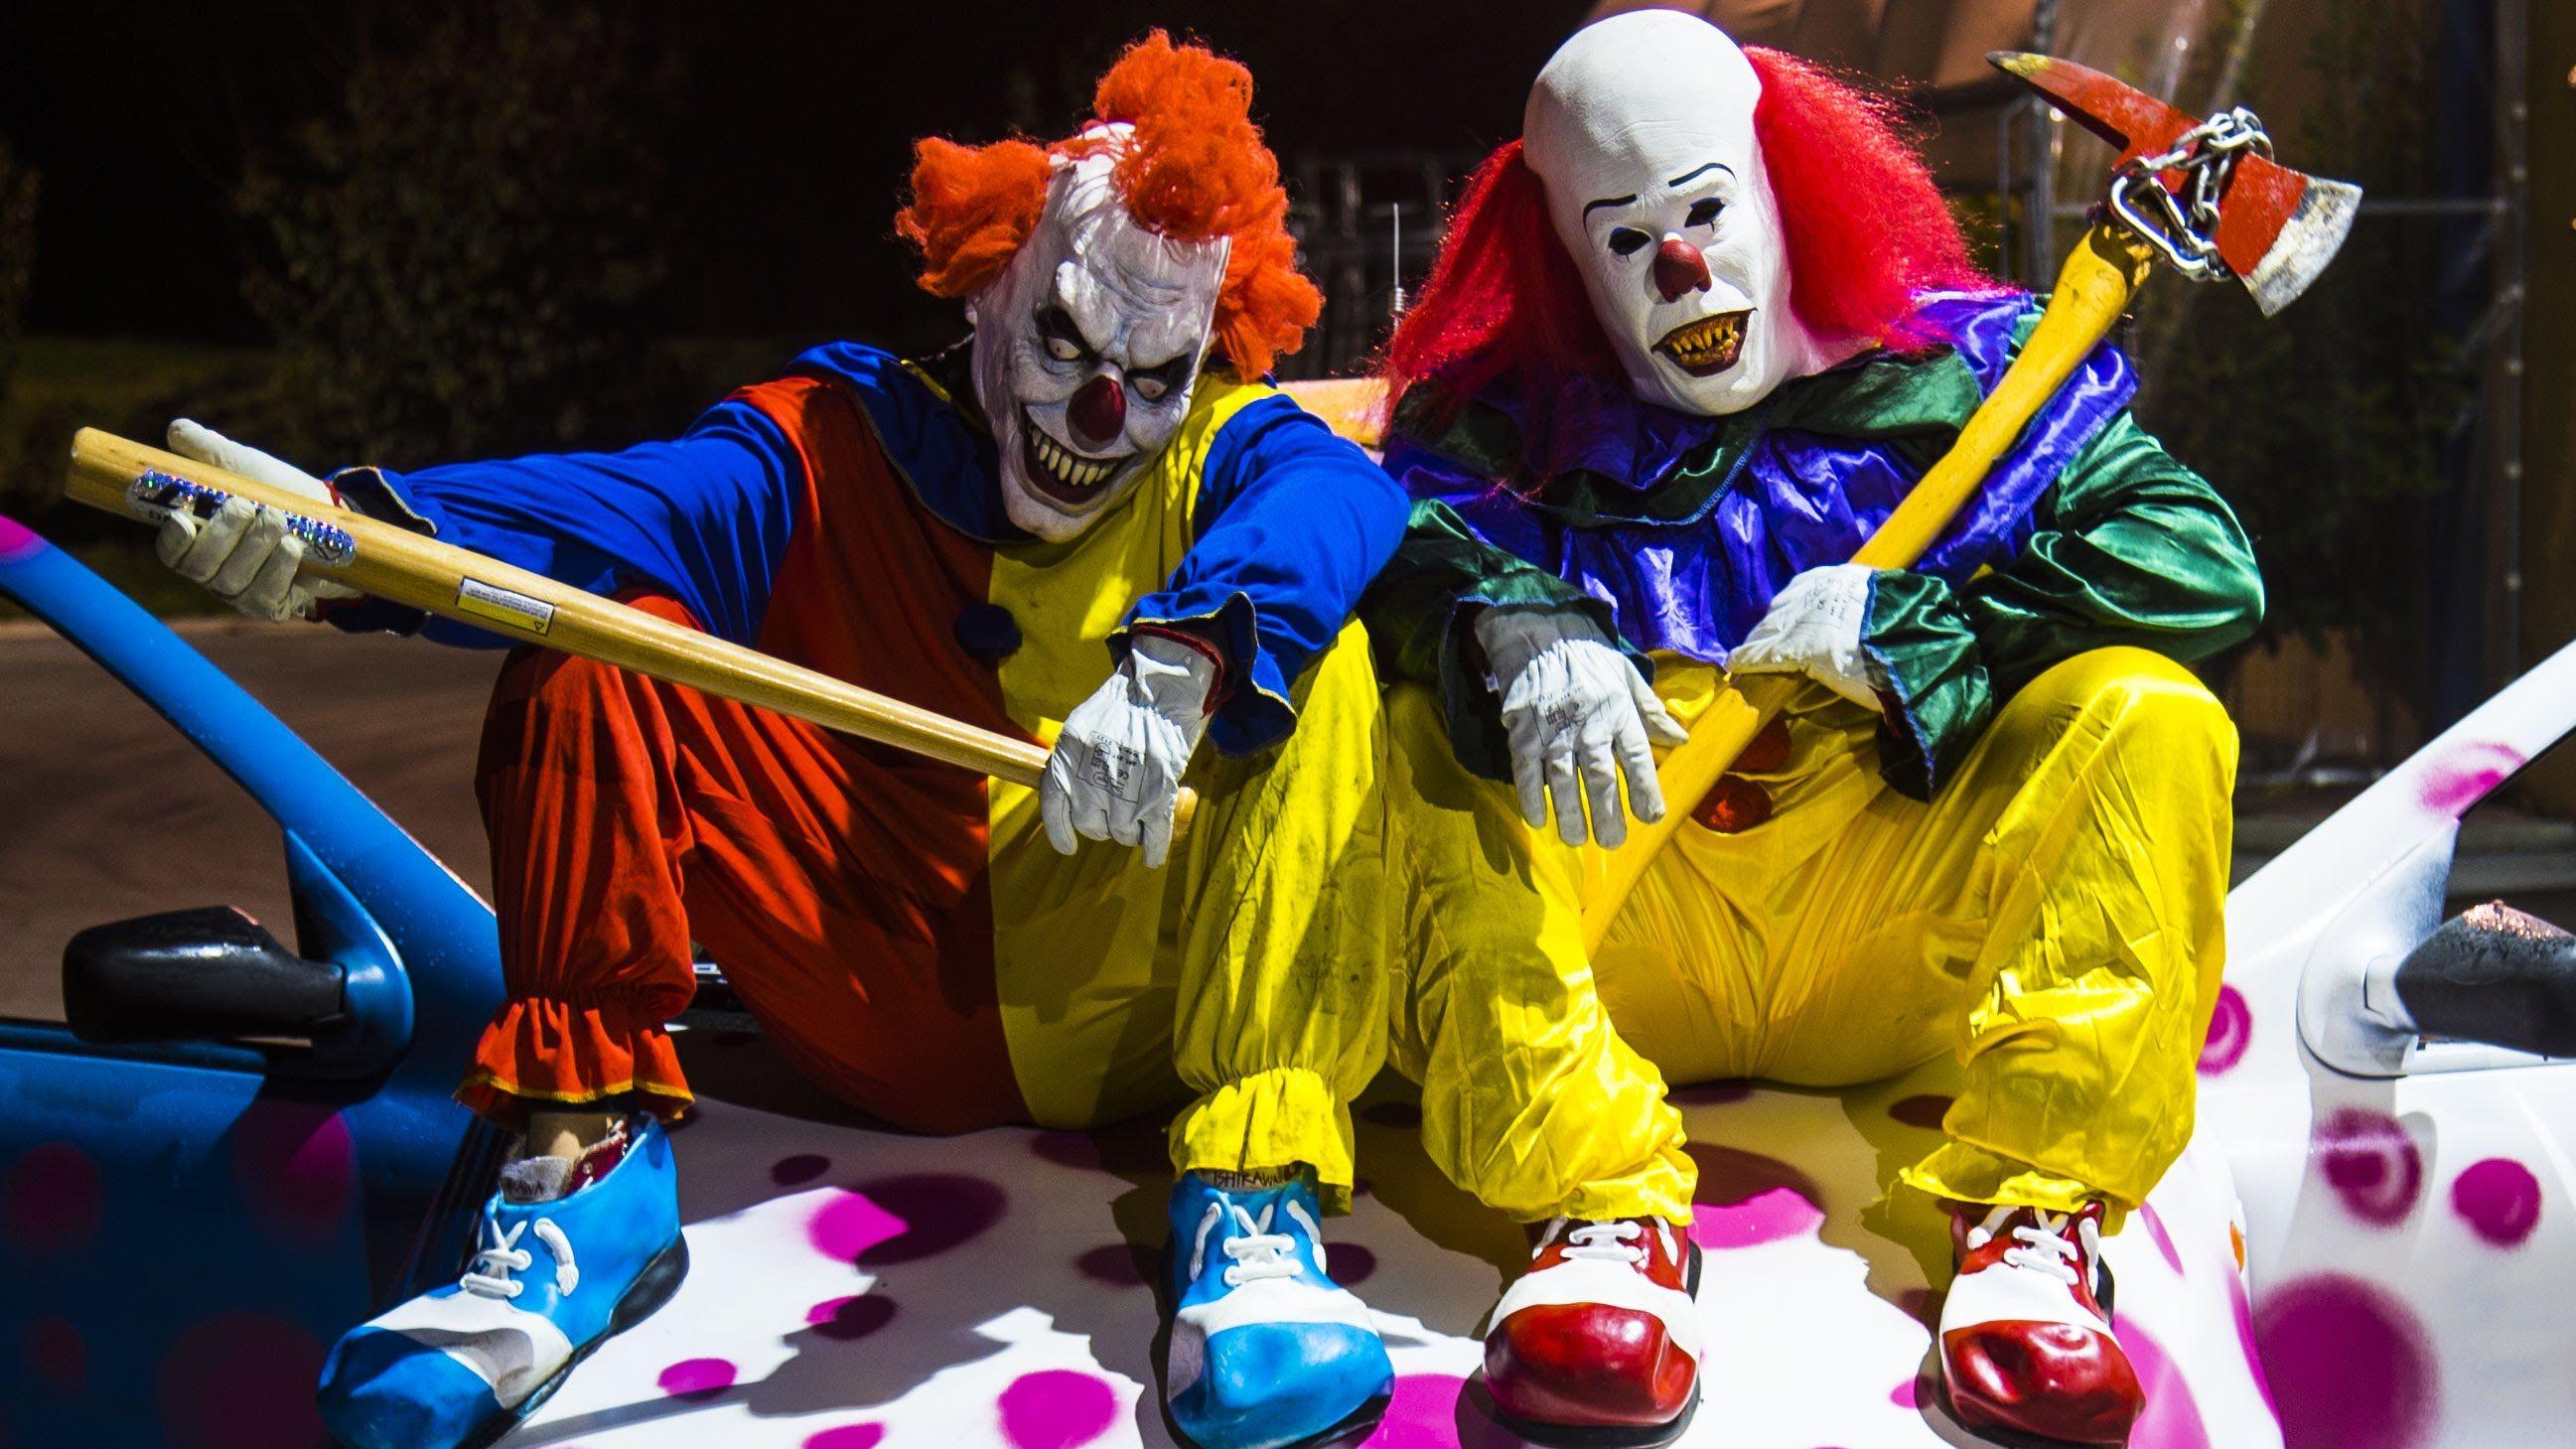 Dm Pranks Halloween 2020 Dossier : Toutes les Vidéos des Clowns Tueurs | Scary clowns